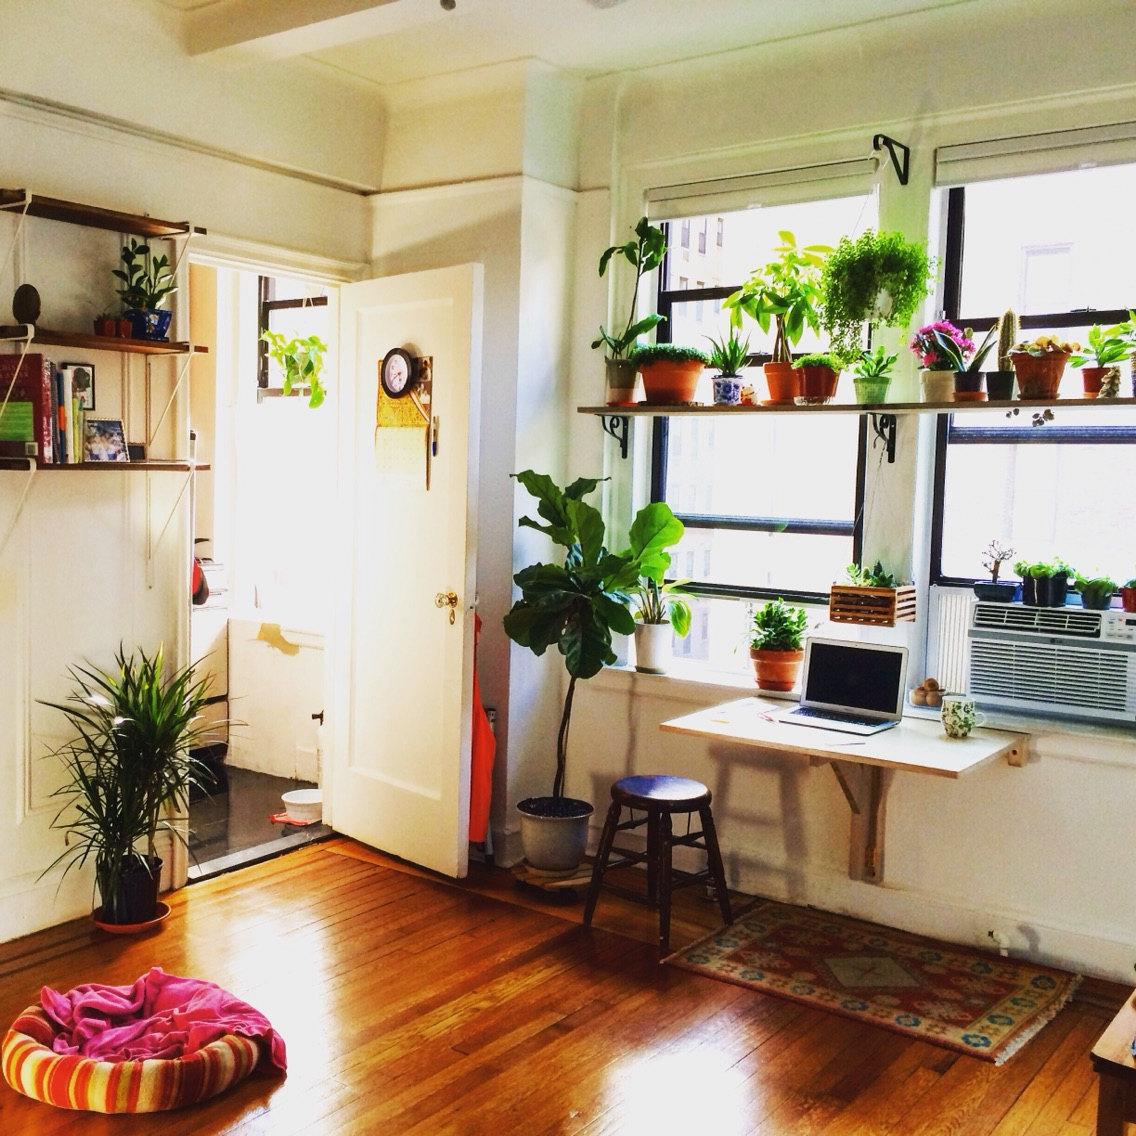 thiết kế nội thất chung cư mini không thể thiếu cây xanh